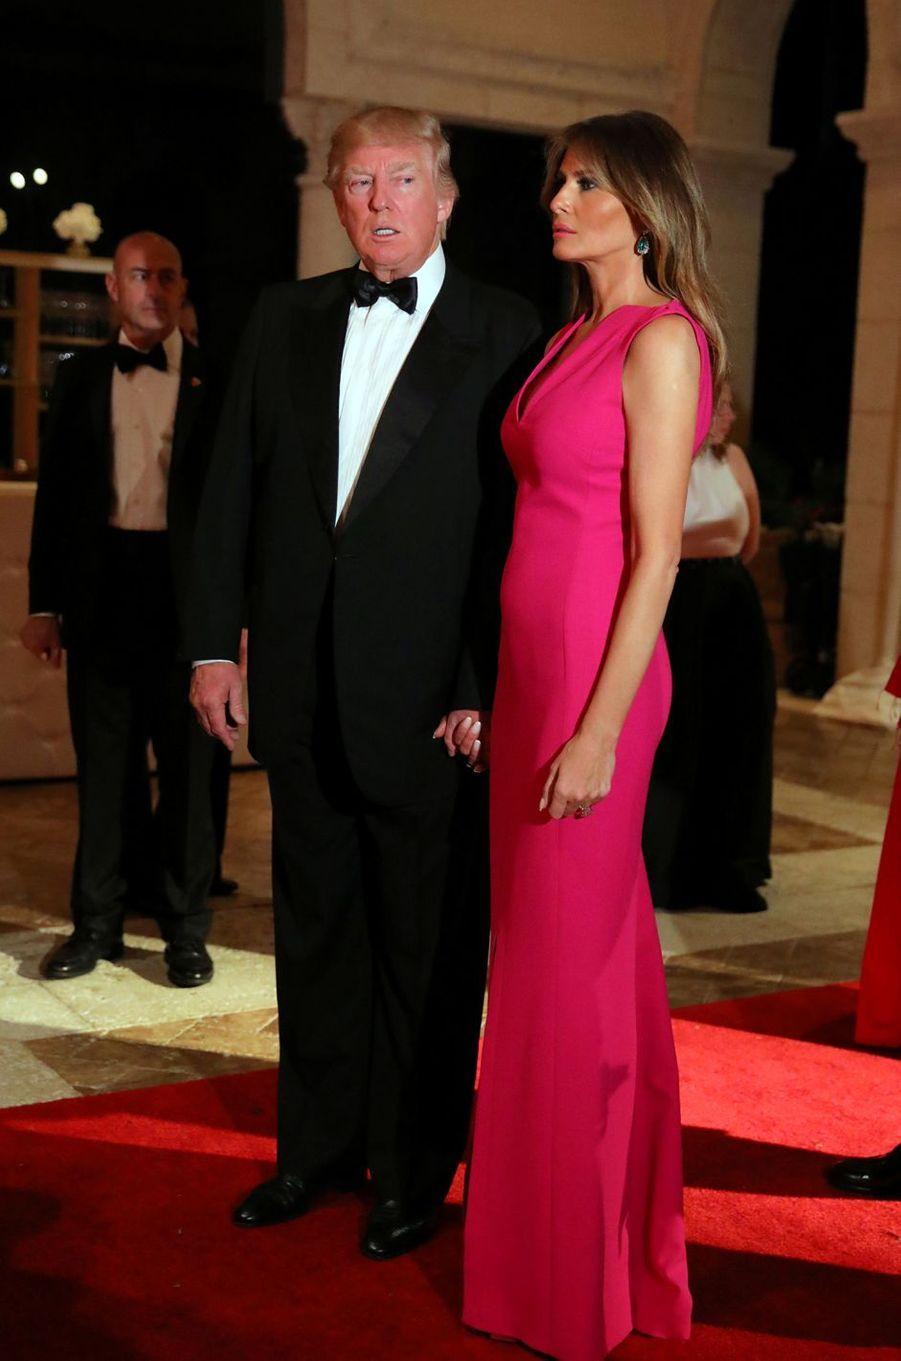 Donald Trump et Melania Trump à Mar-a-Lago, le 4 février 2017.